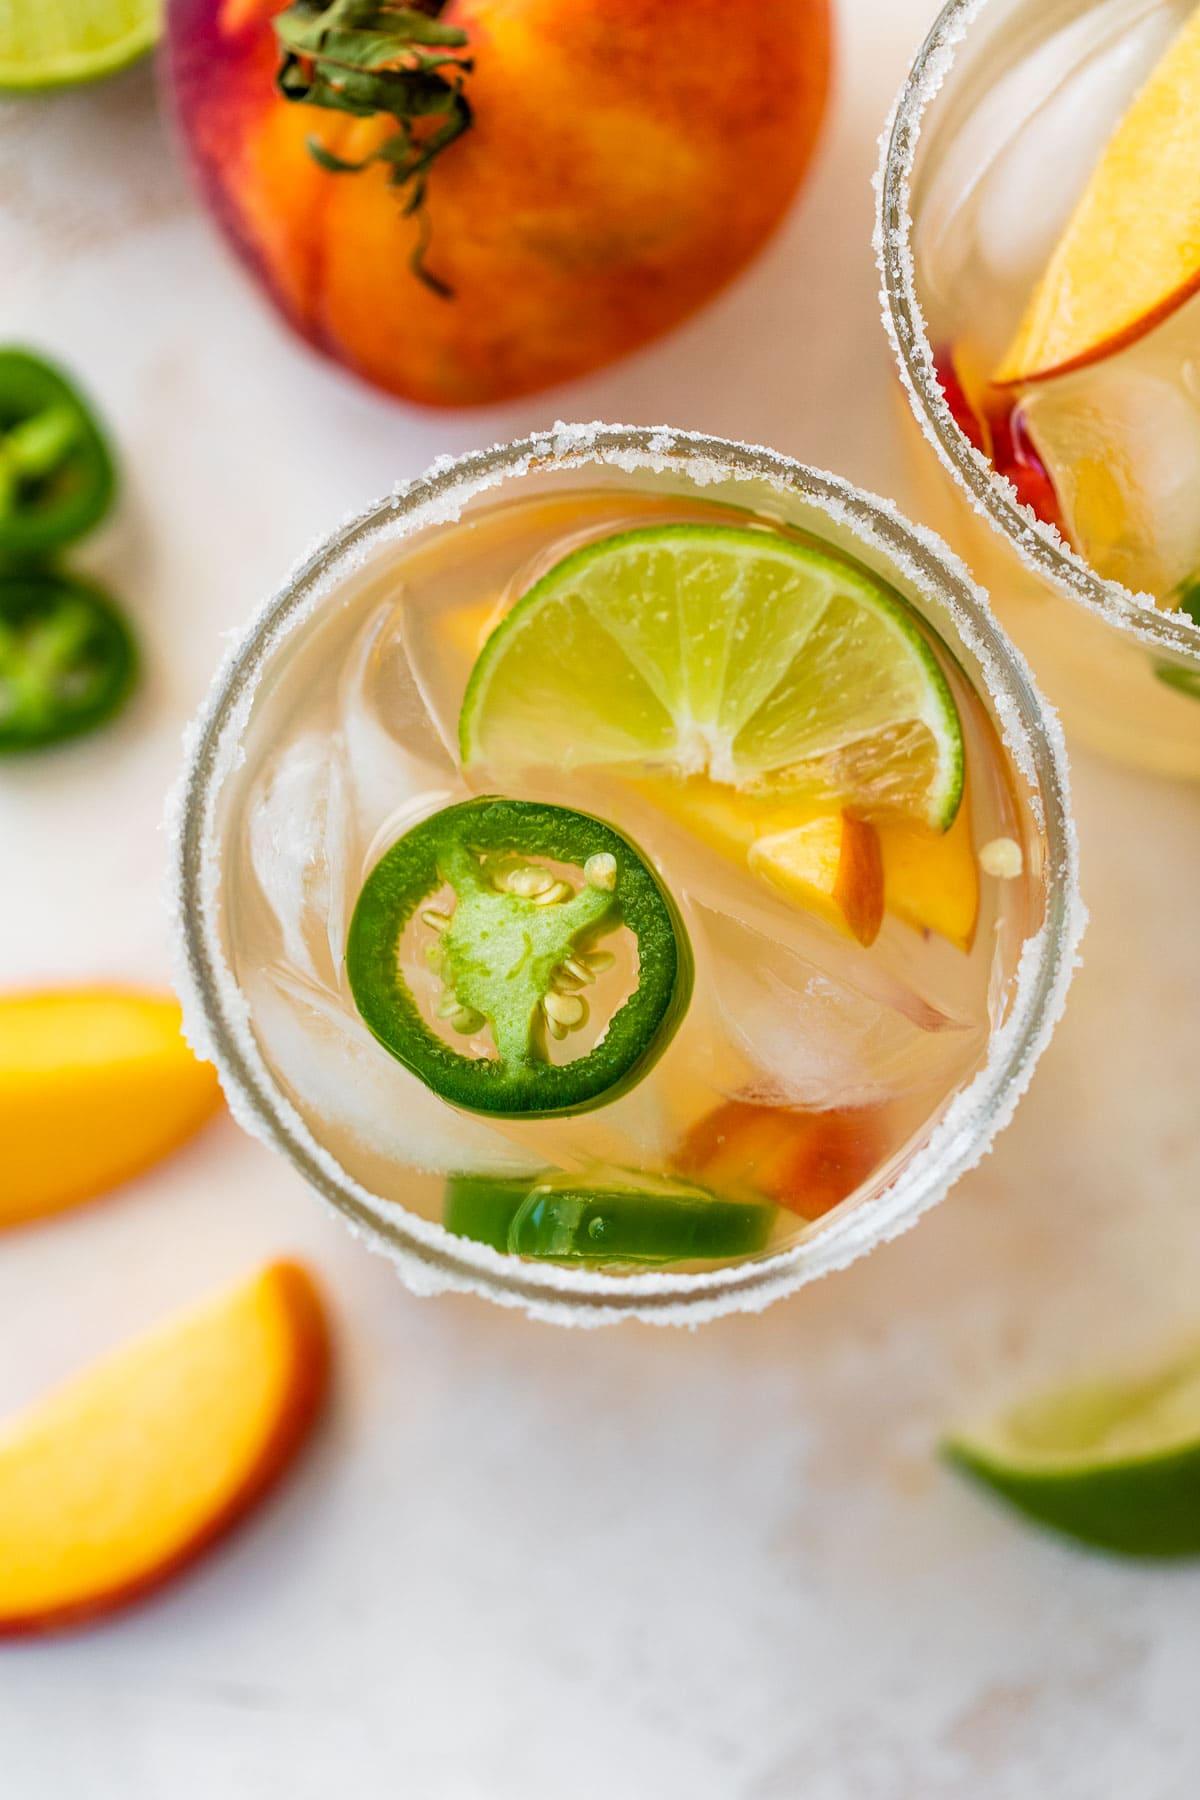 Peach Jalapeno Margaritas-Fresh peach margaritas with a kick